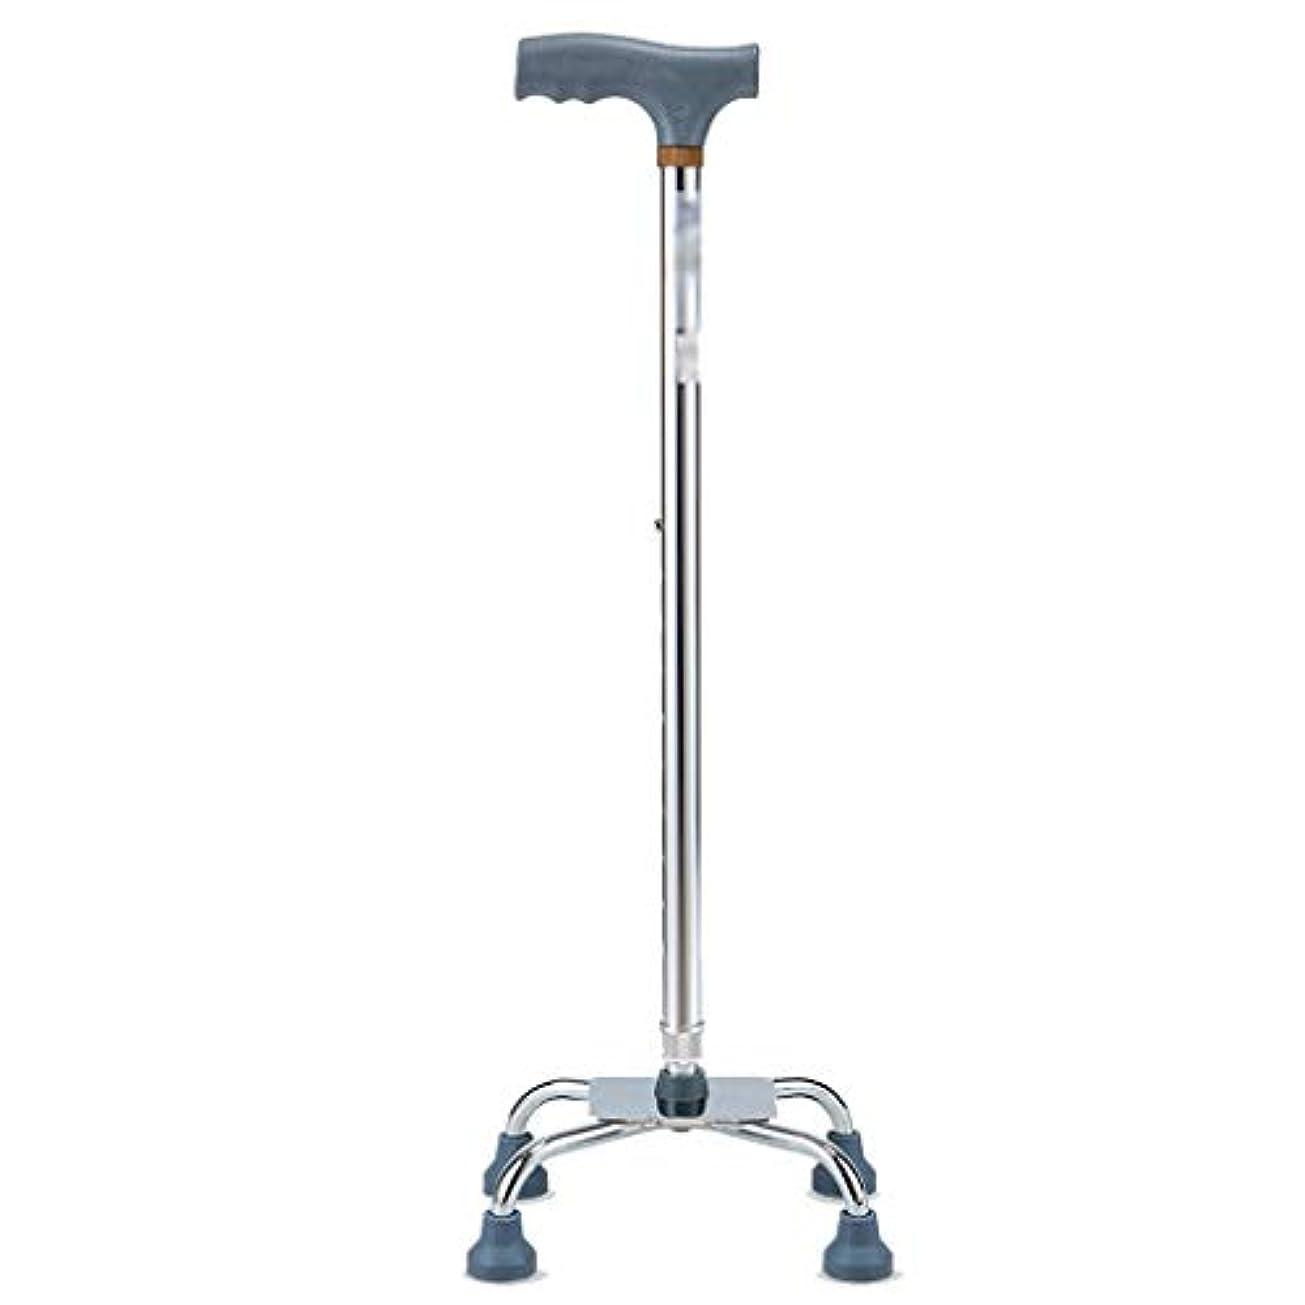 電球祖母通常松葉杖、アルミニウム合金松葉杖、リトラクタブル松葉杖、調節可能な杖、高齢者の松葉杖、ノンスリップ松葉杖、軽量杖。